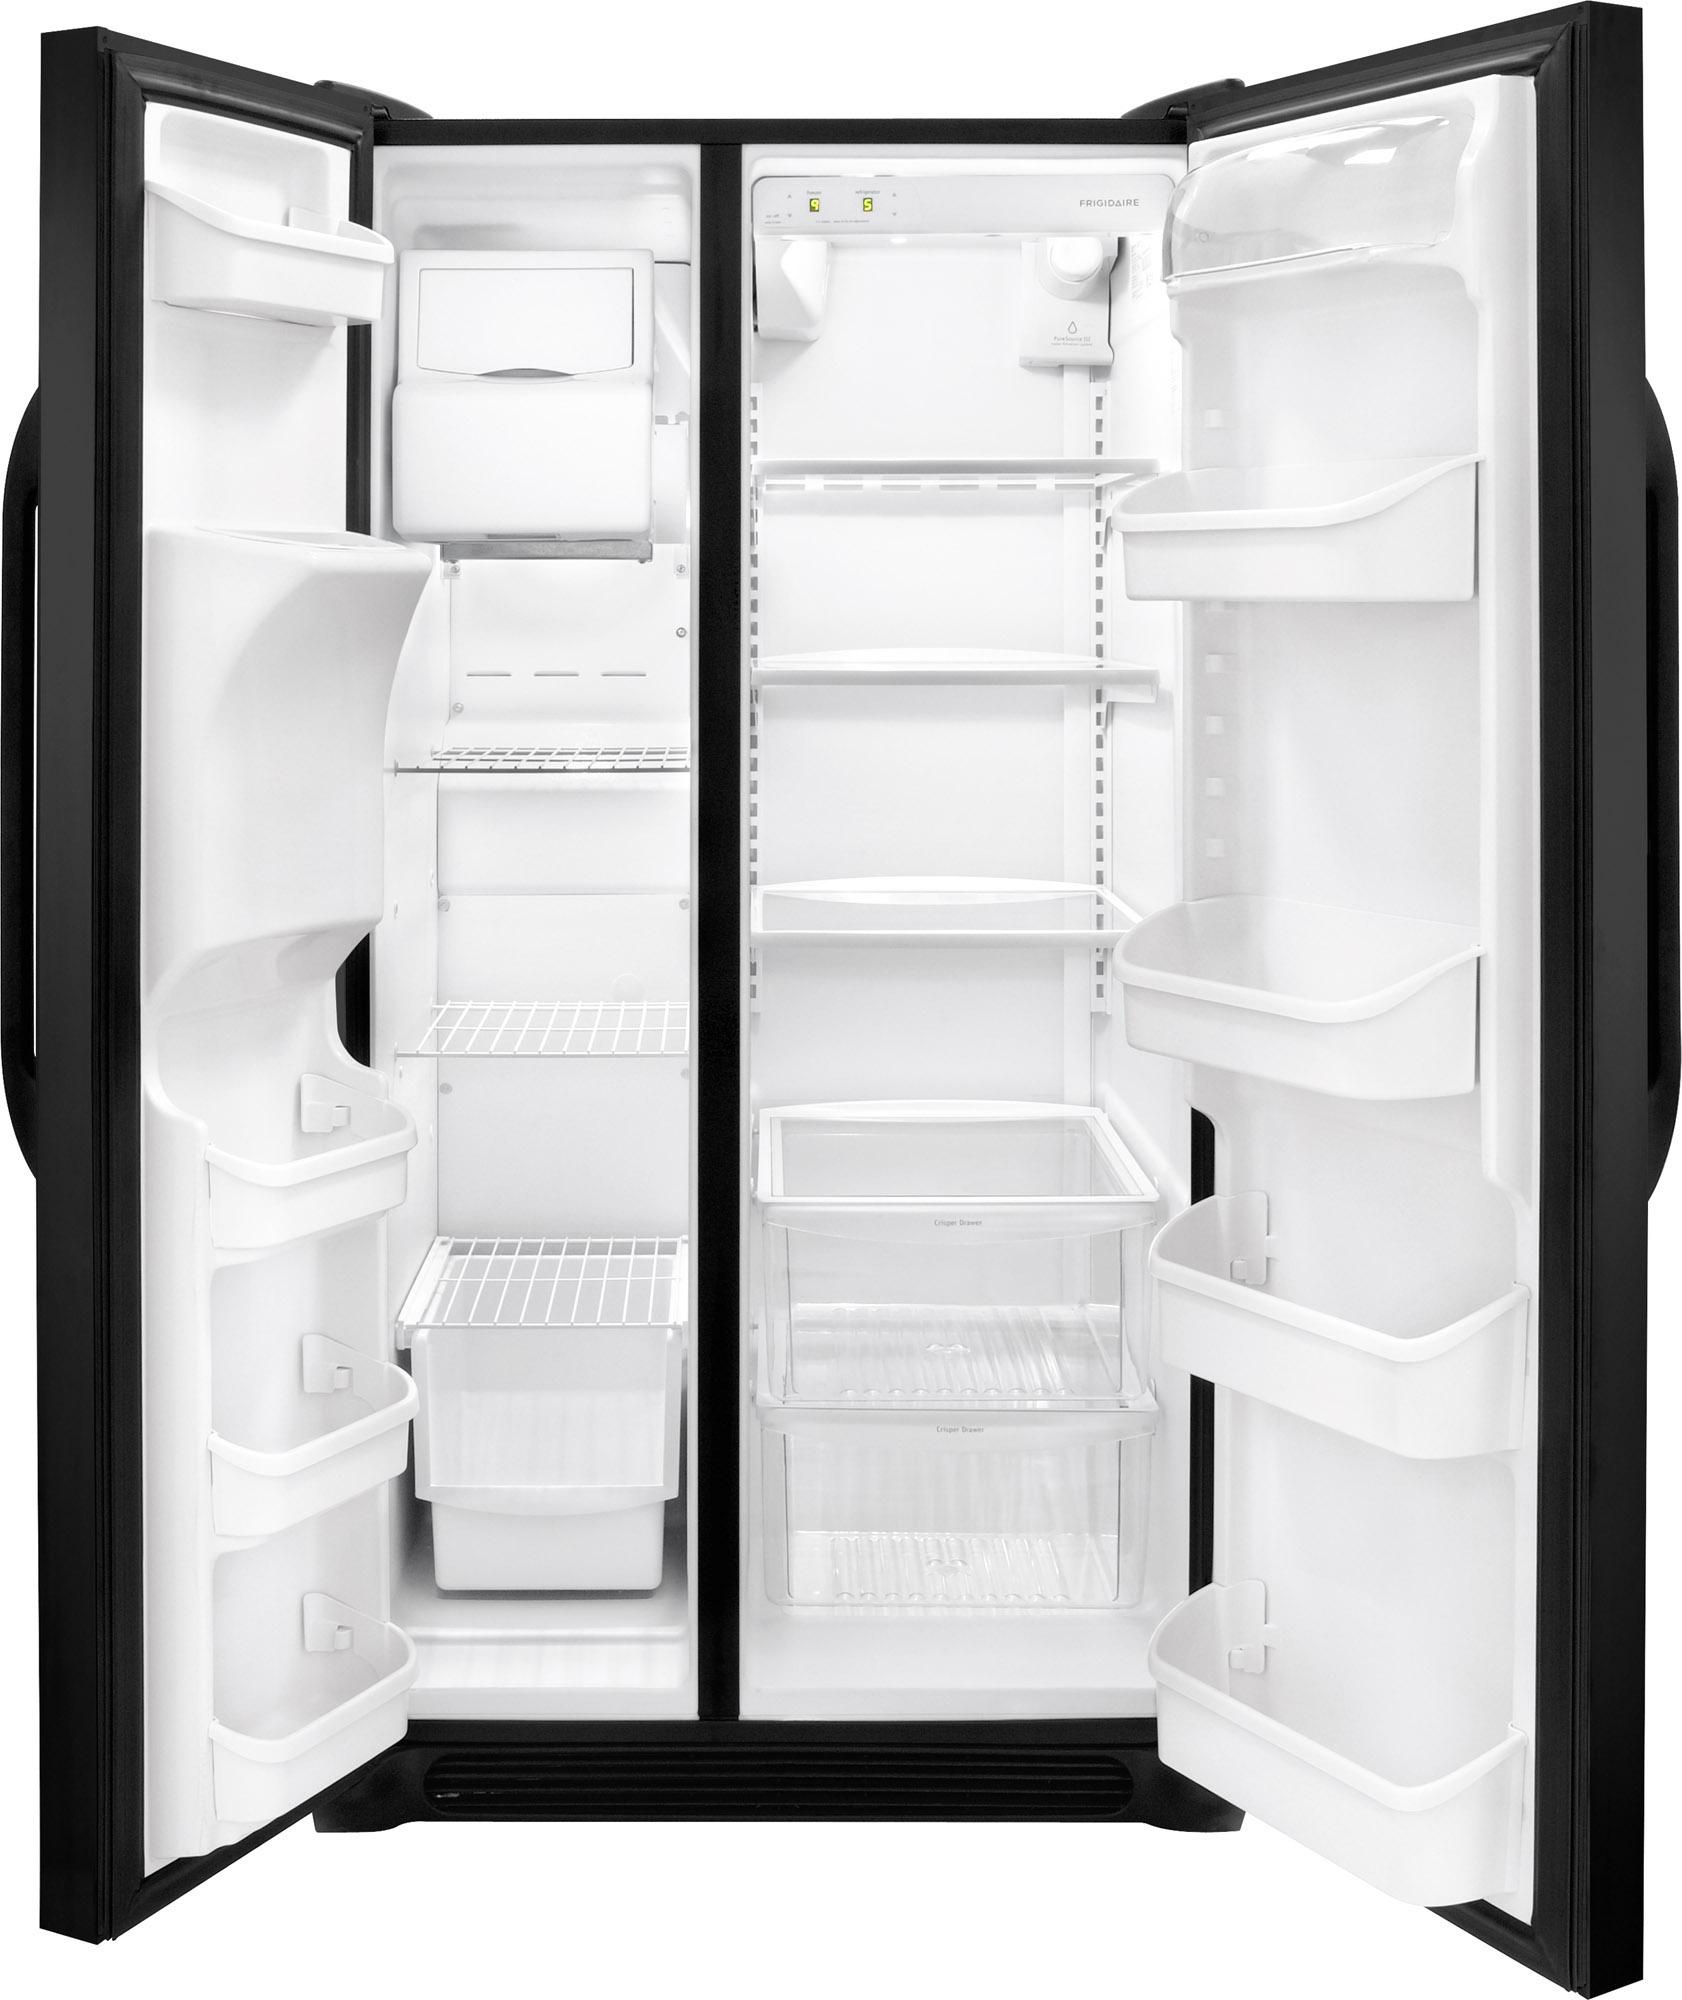 Frigidaire FFSS2614QE 25.5 cu. ft. Side-by-Side Refrigerator - Black